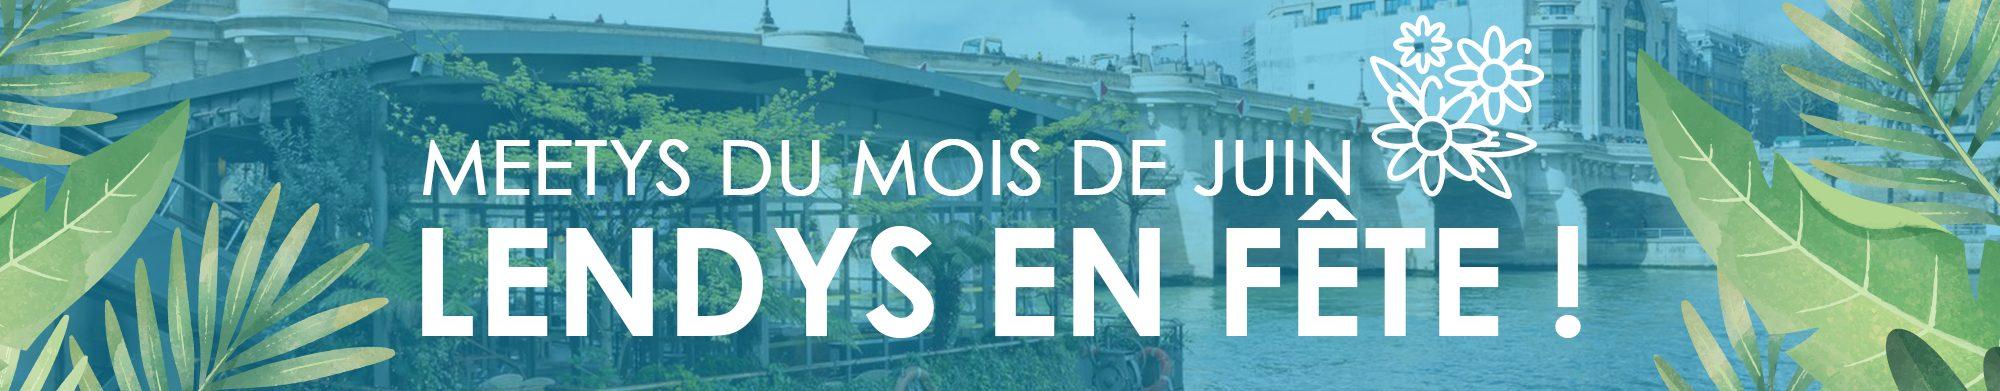 Bannière_Meetys-juin-2